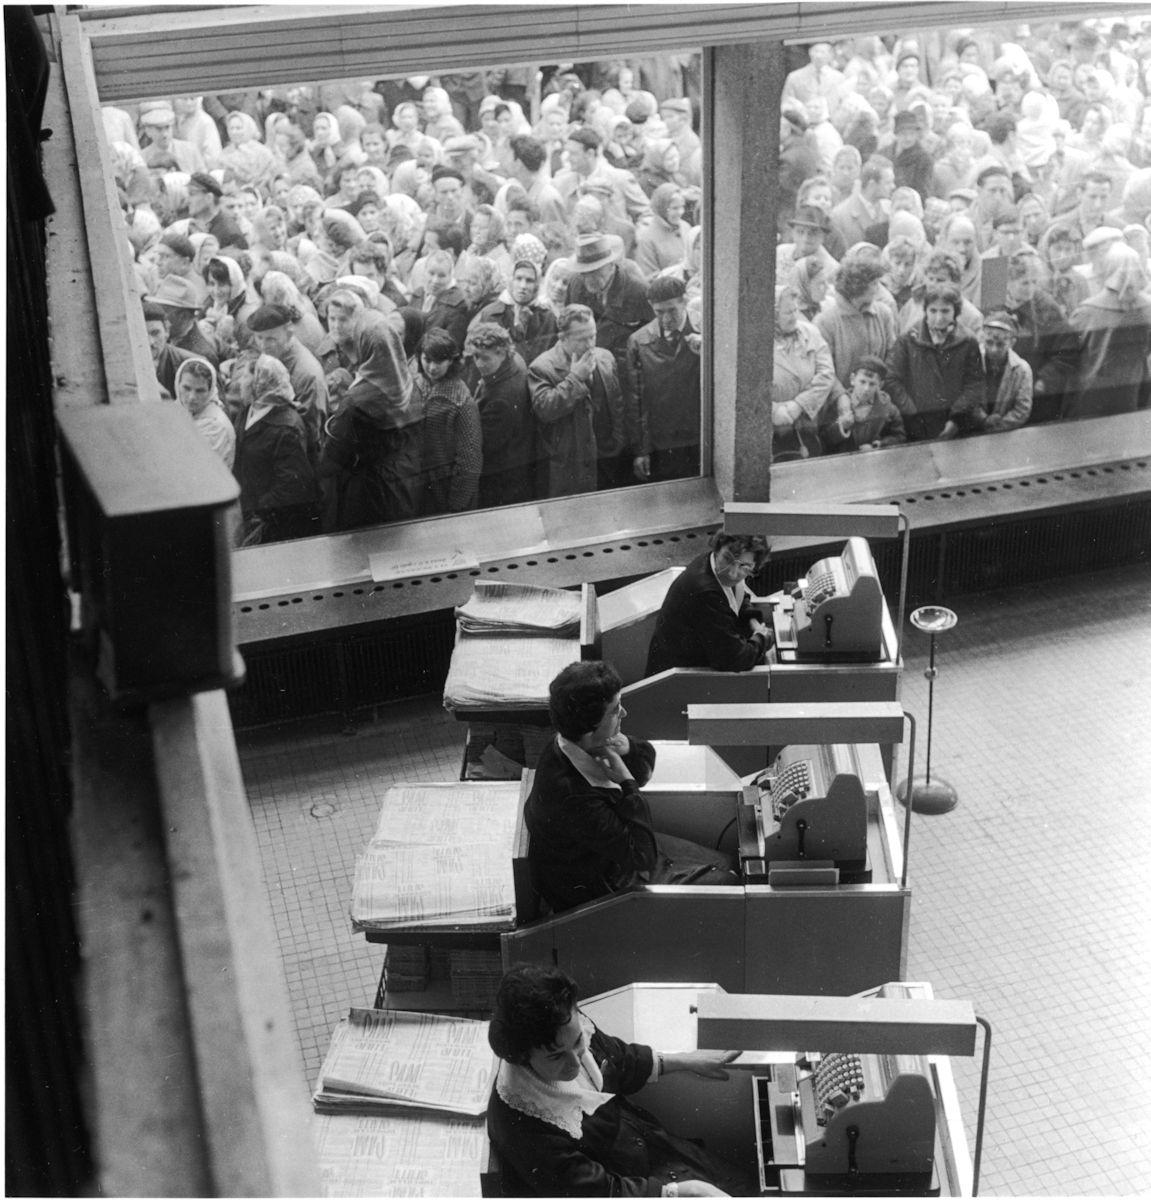 Eustachy Kossakowski, Supersam, 1962 © Anka Ptaszkowska, zdjecia wlasnoscia Muzeum Sztuki Nowoczesnej w Warszawie (źródło: materiały prasowe organizatora)